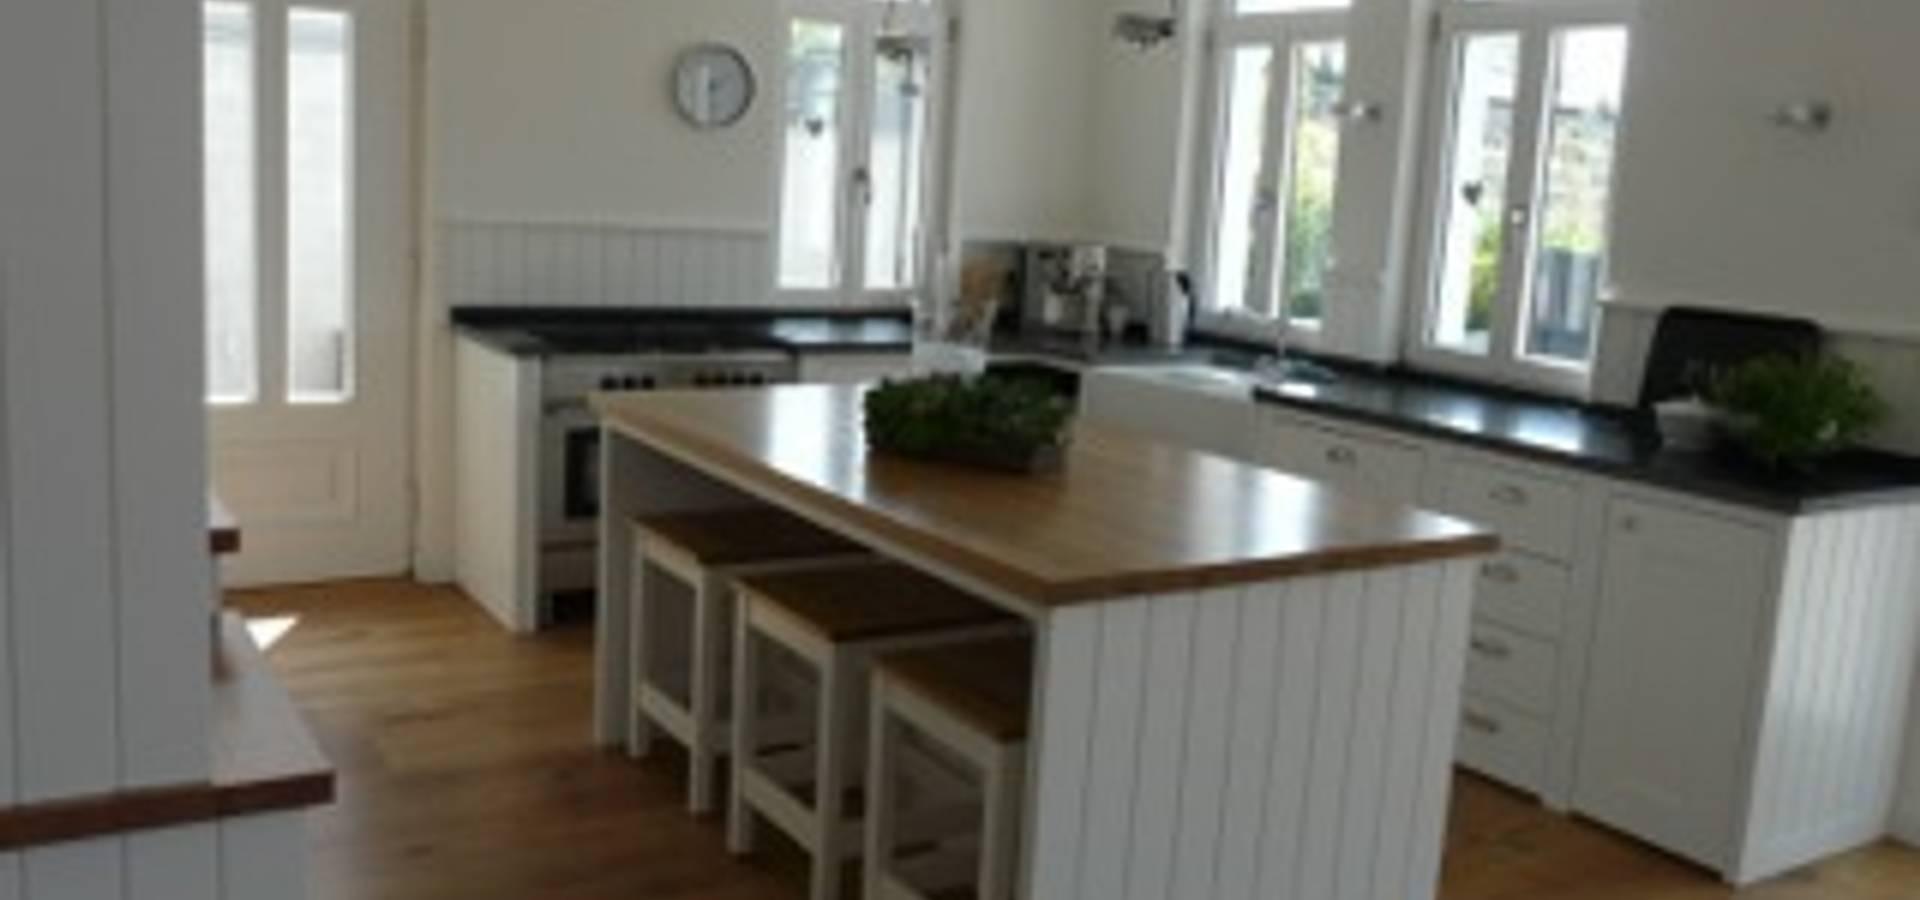 schreinerei klinkenberg tischler in eschweiler homify. Black Bedroom Furniture Sets. Home Design Ideas